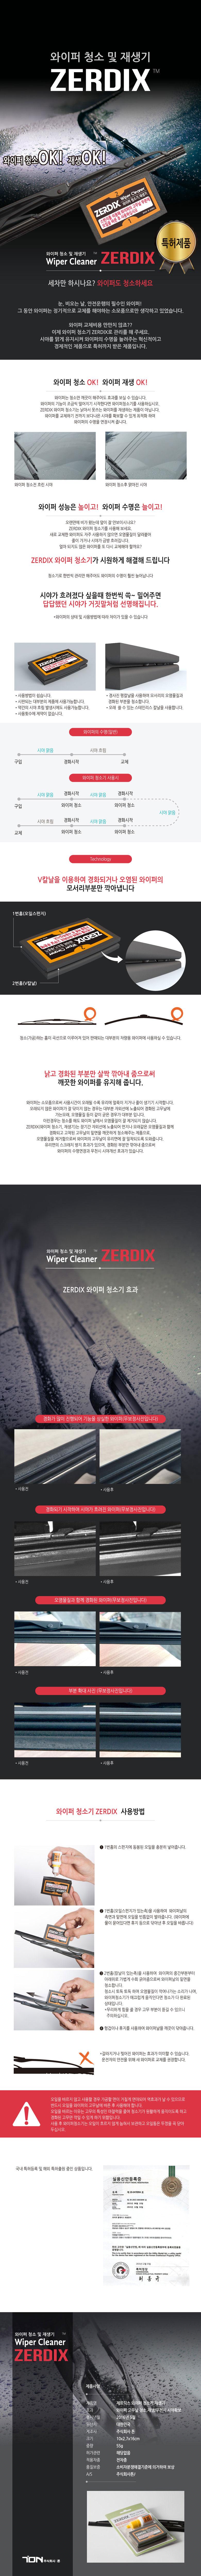 제르딕스 와이퍼 청소기 / 재생기 / 클리너